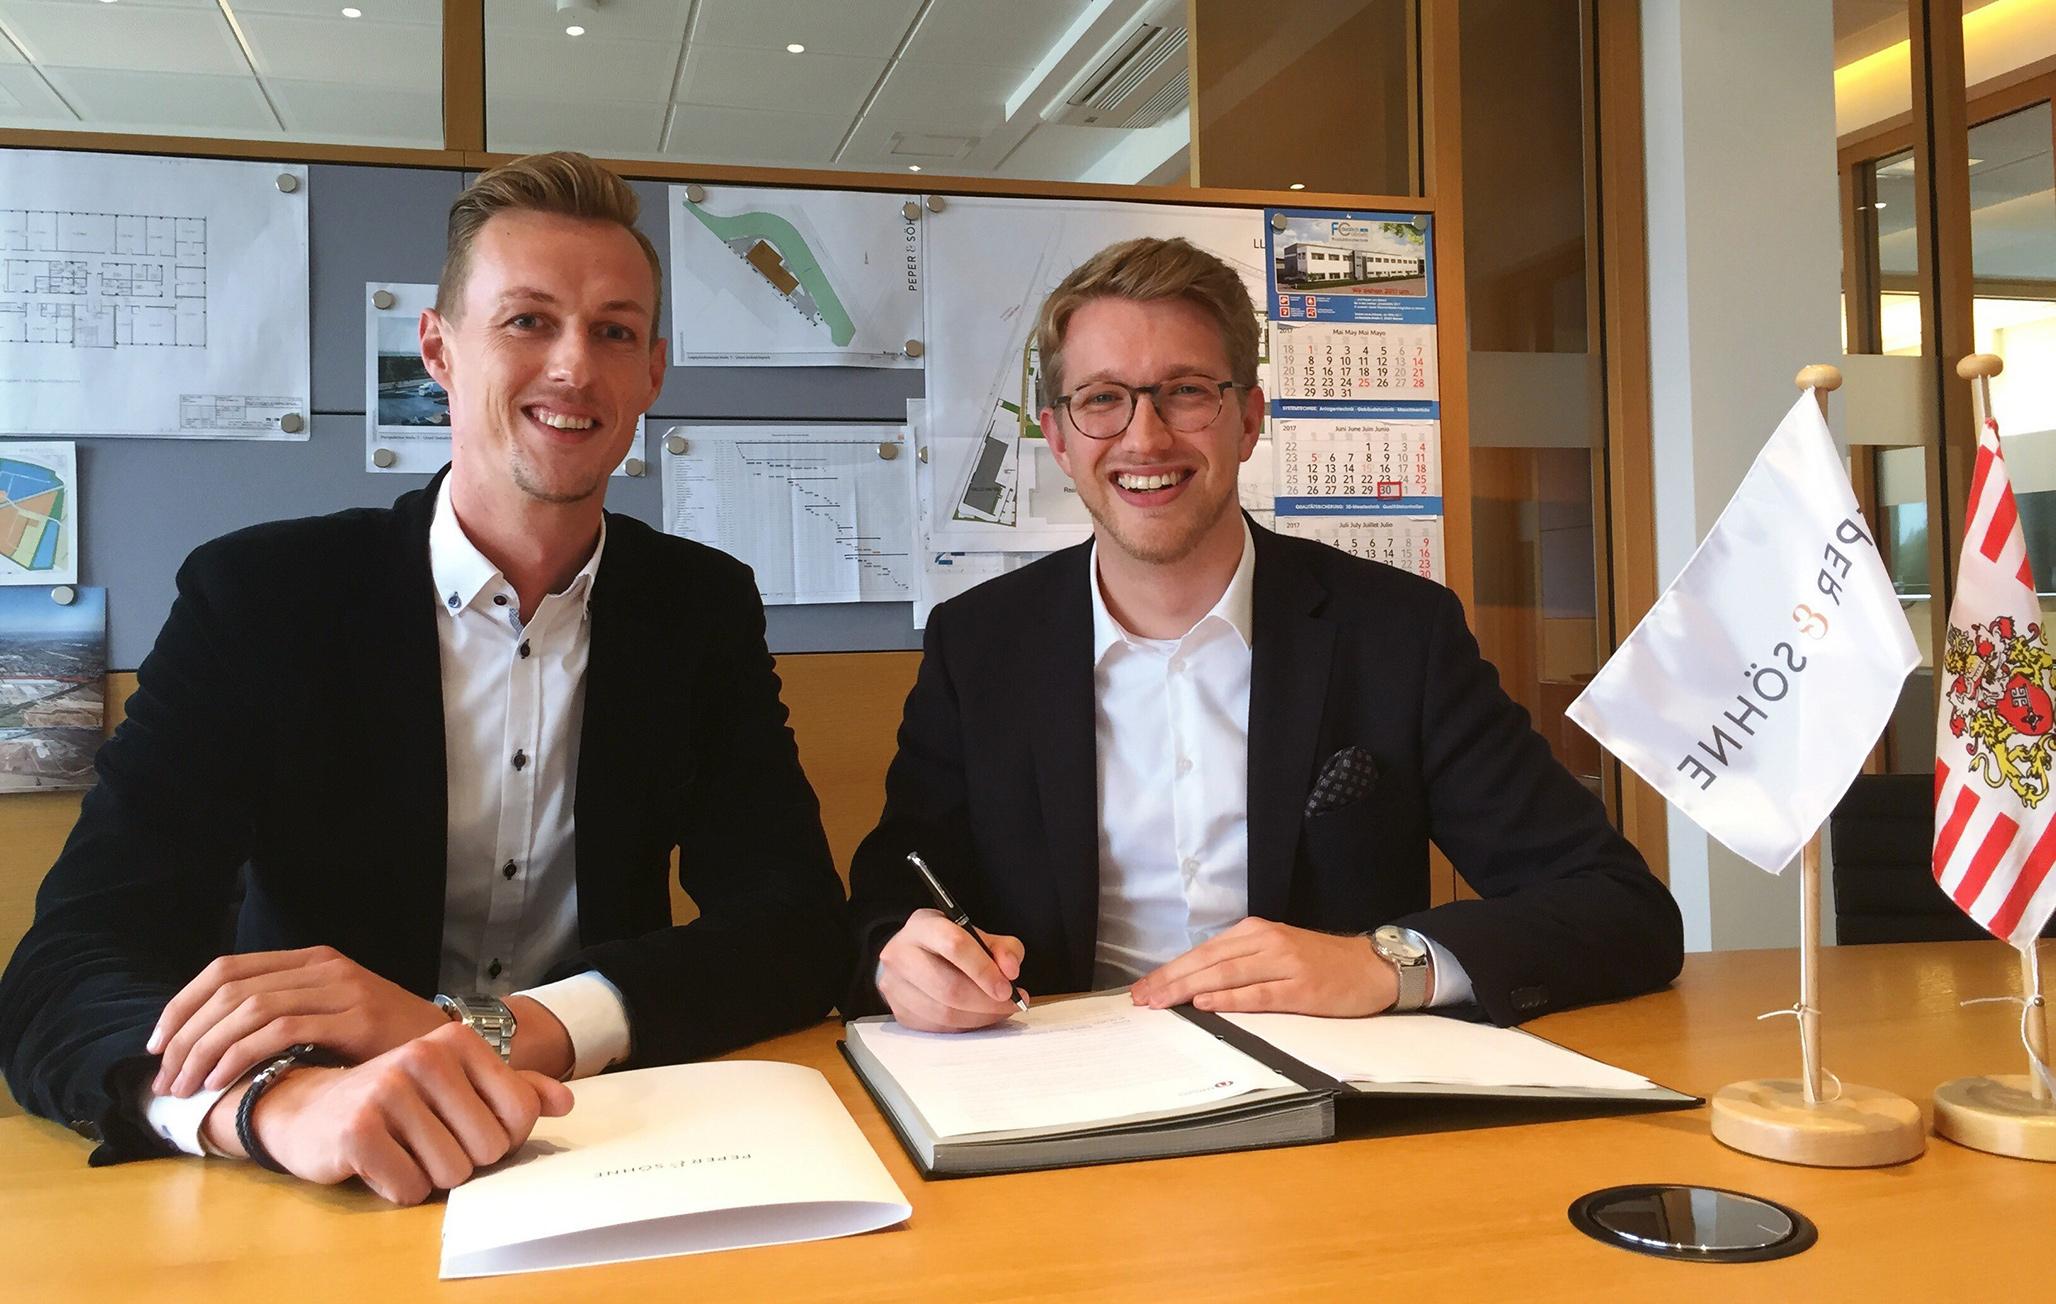 Peper & Söhne – Maßgeschneidert und individuell mit AMAGNO auf dem Pfad der Digitalisierung